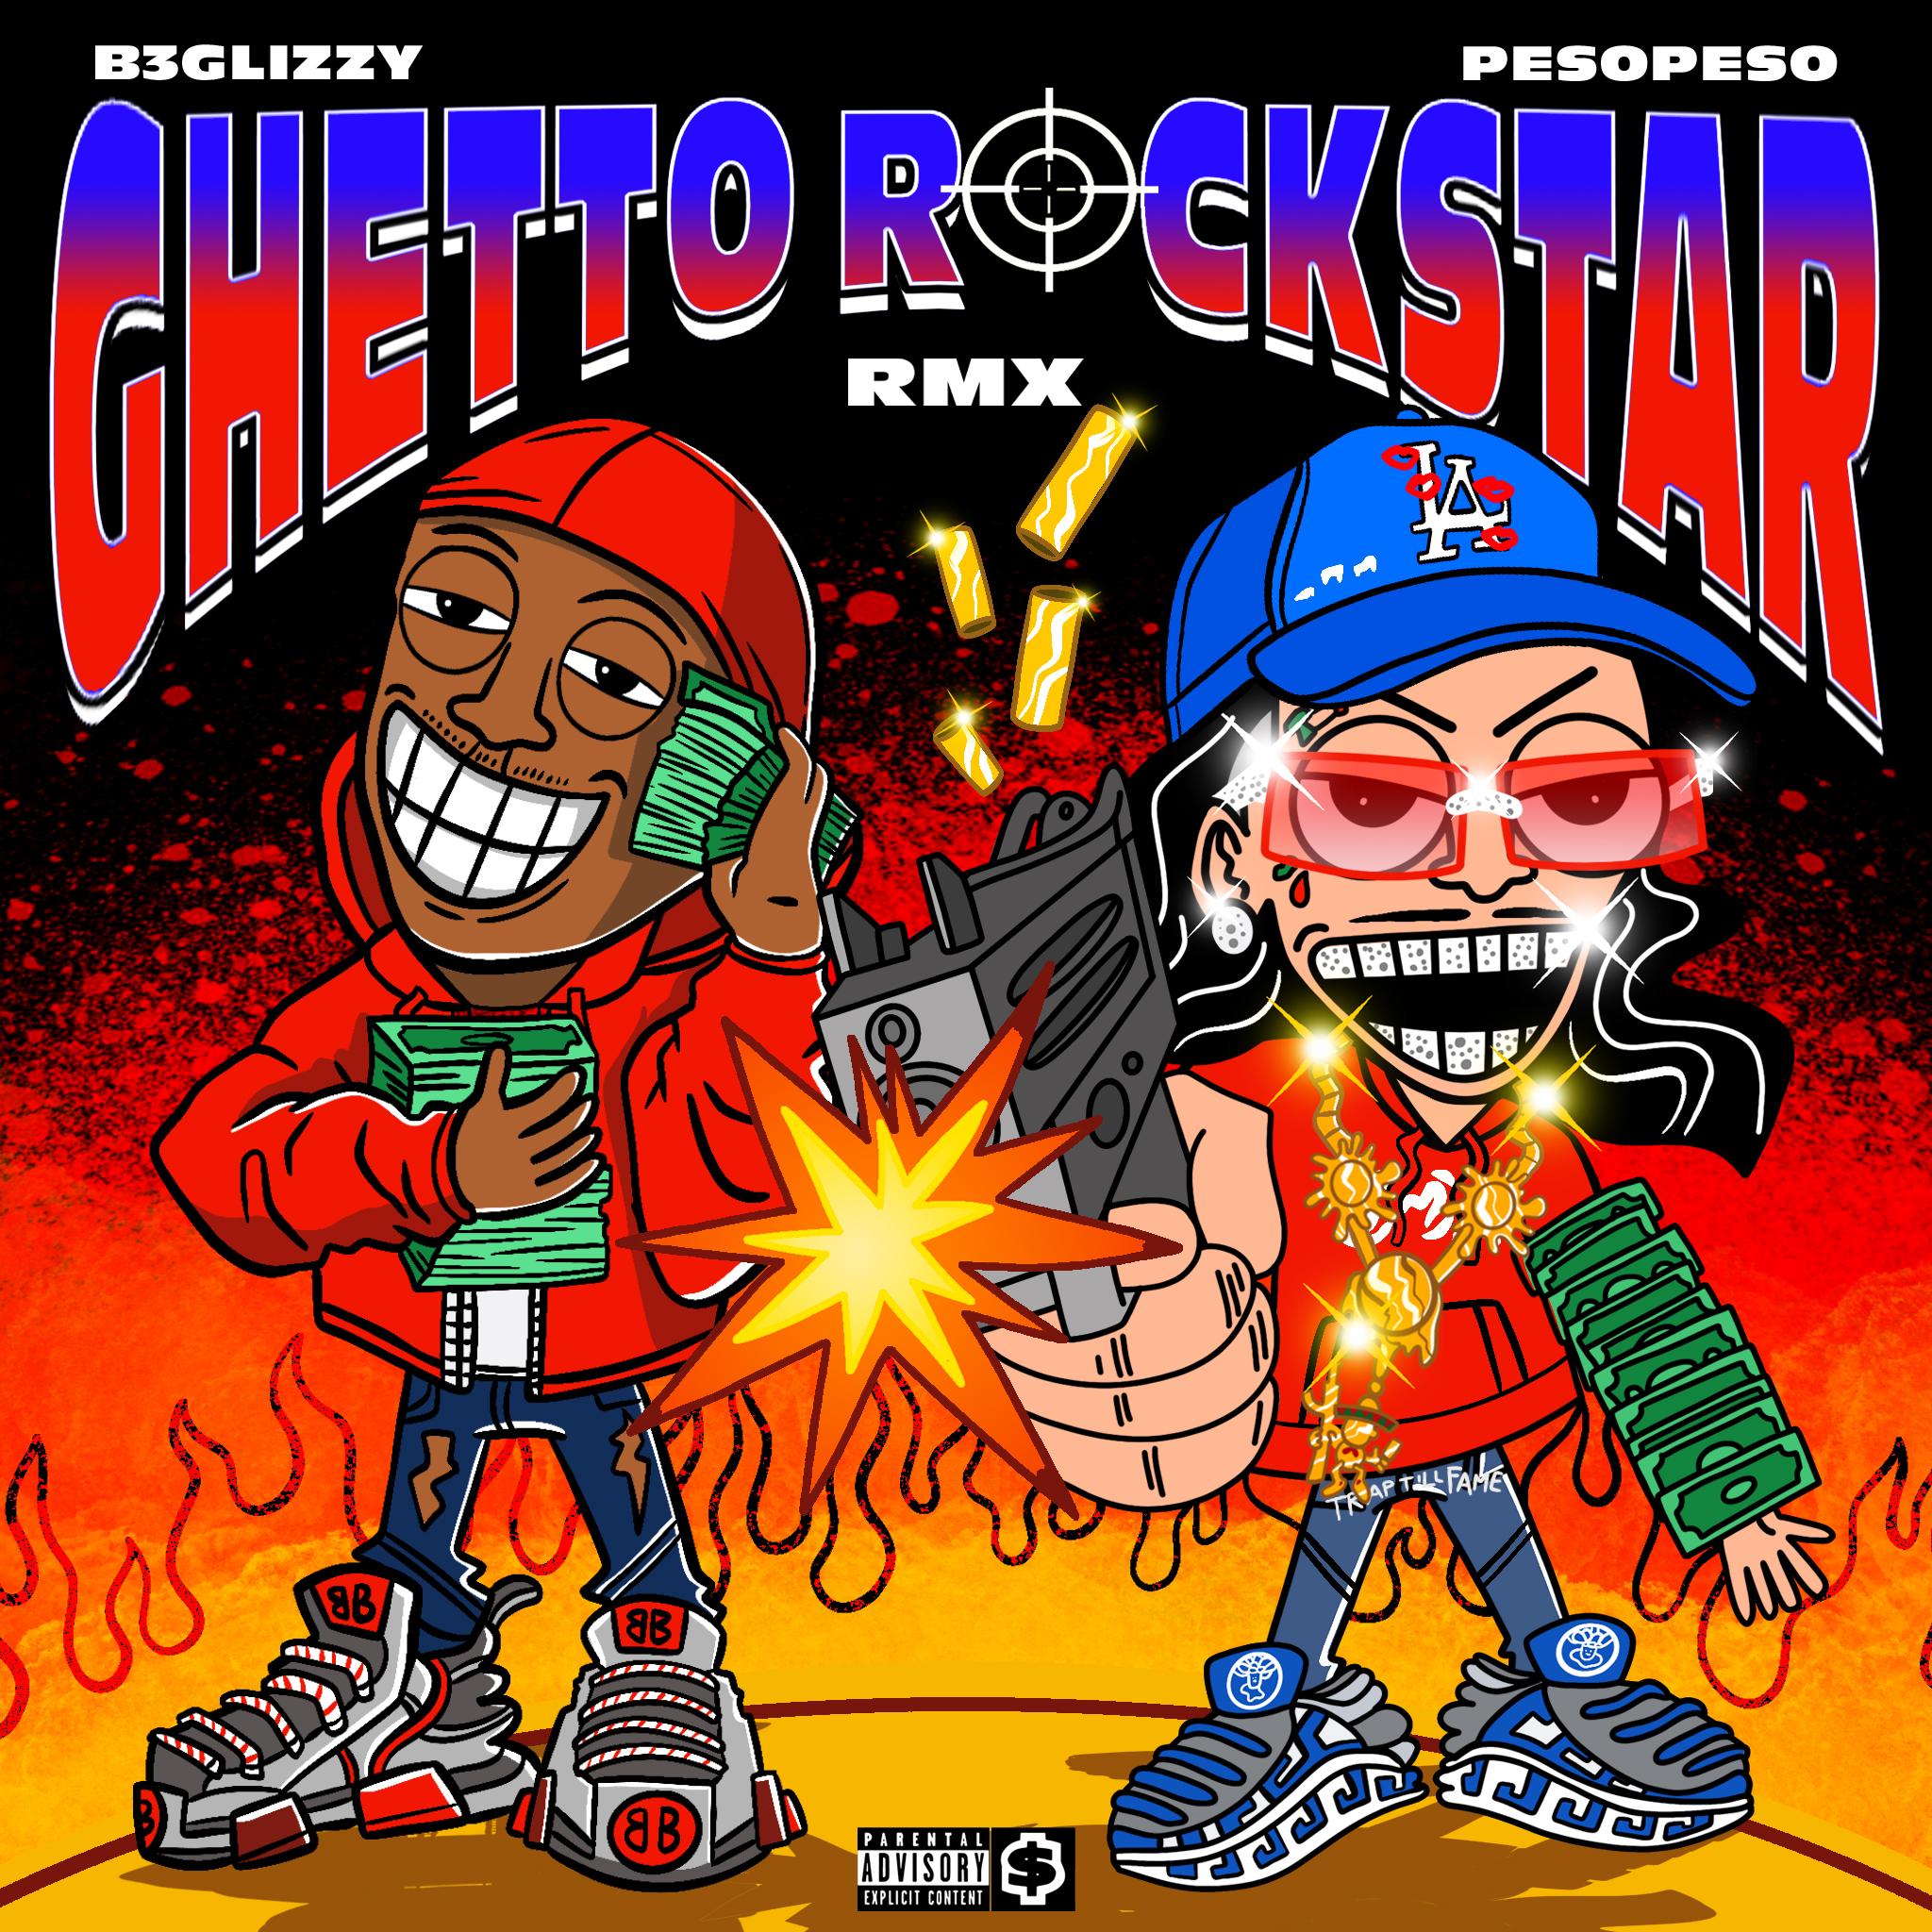 B3Glizzy-GhettoRockstar